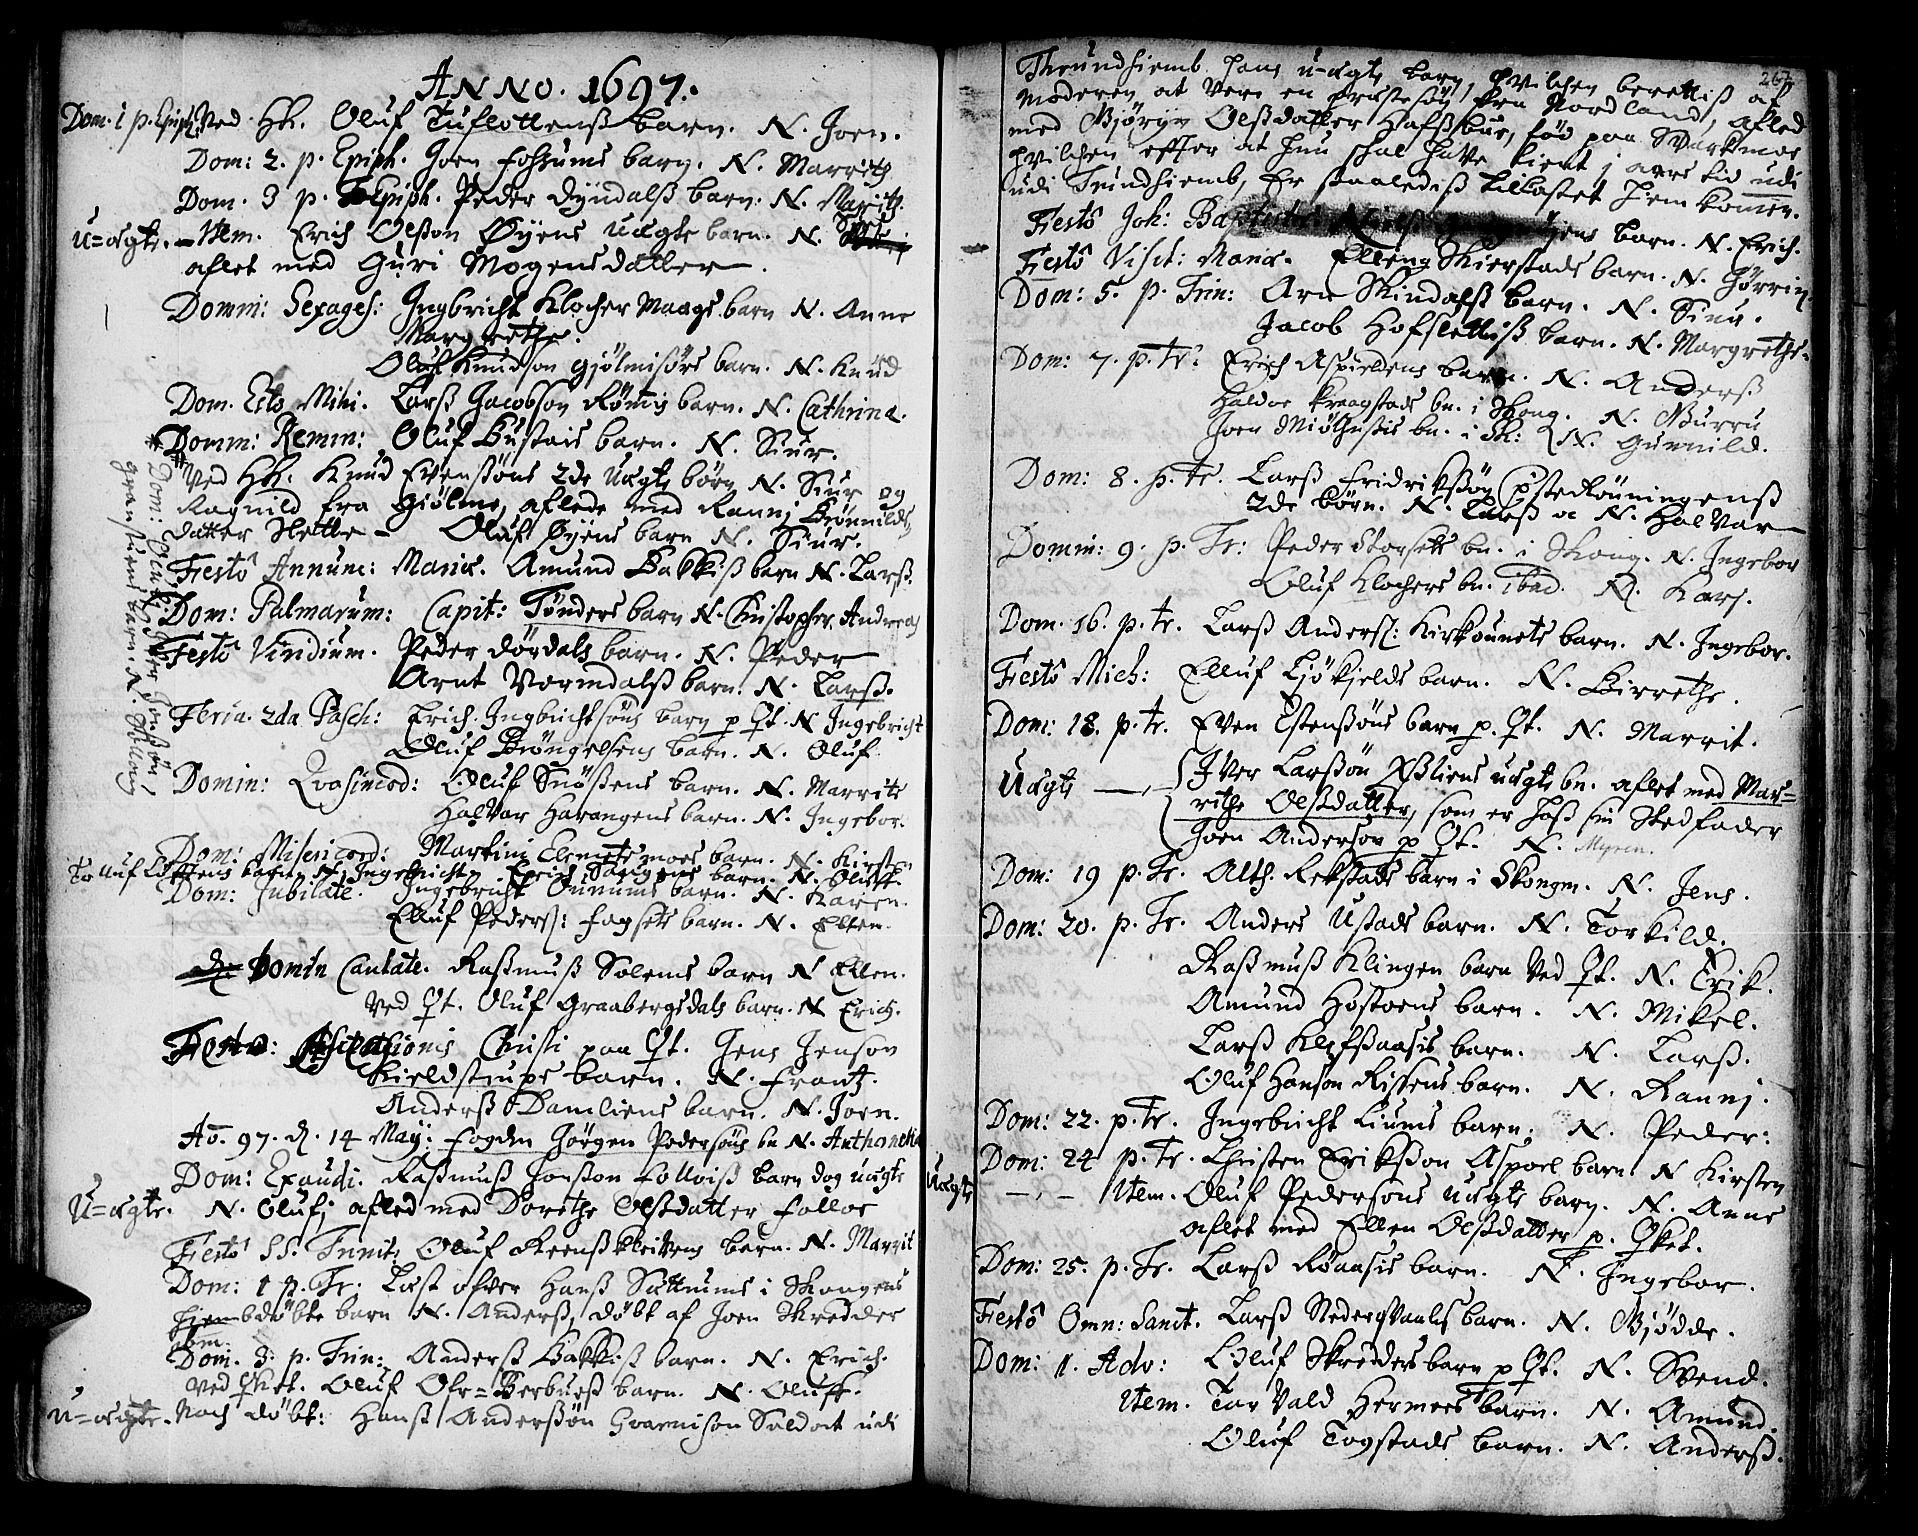 SAT, Ministerialprotokoller, klokkerbøker og fødselsregistre - Sør-Trøndelag, 668/L0801: Ministerialbok nr. 668A01, 1695-1716, s. 266-267